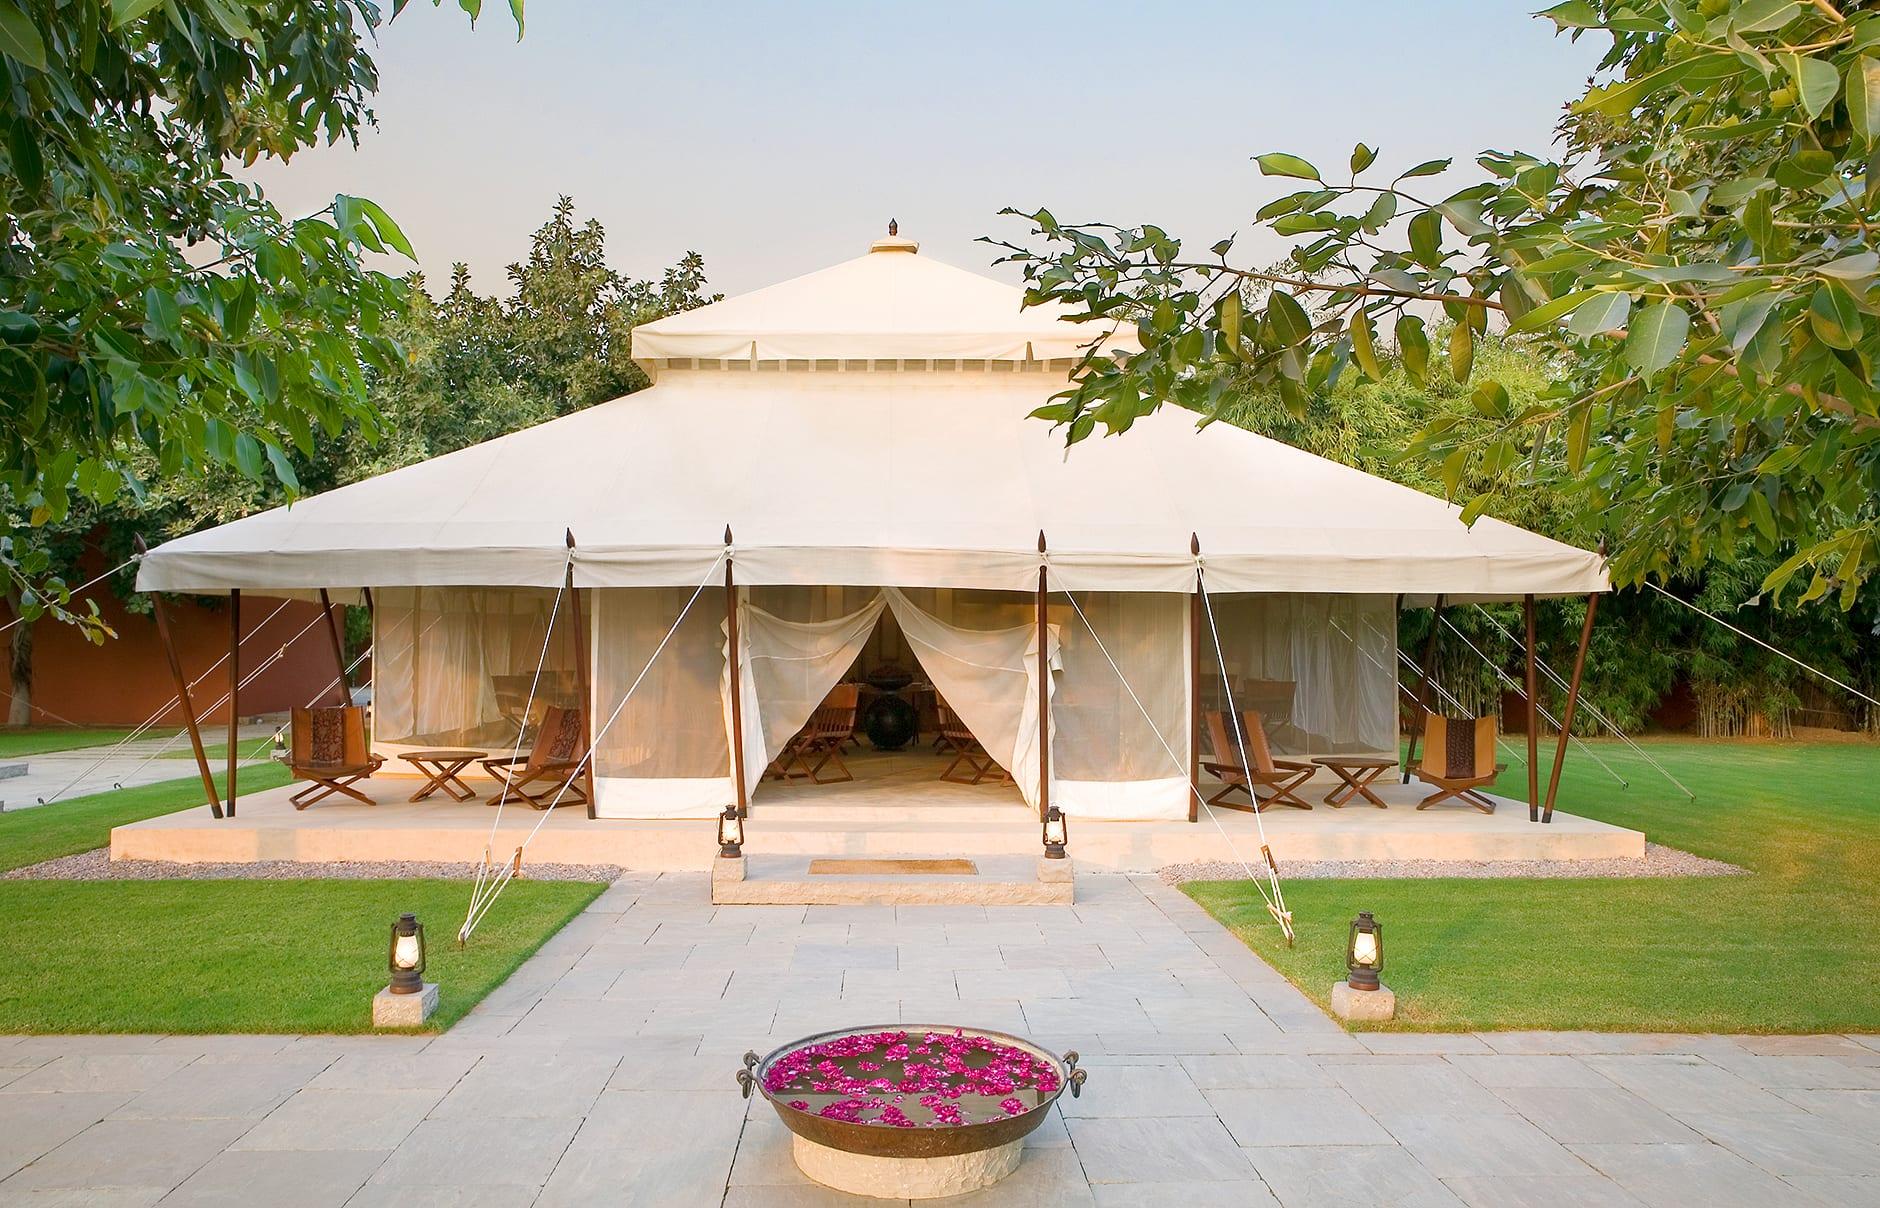 Spa Tent. Aman-i-Khas, Ranthambhore, India. © Amanresorts